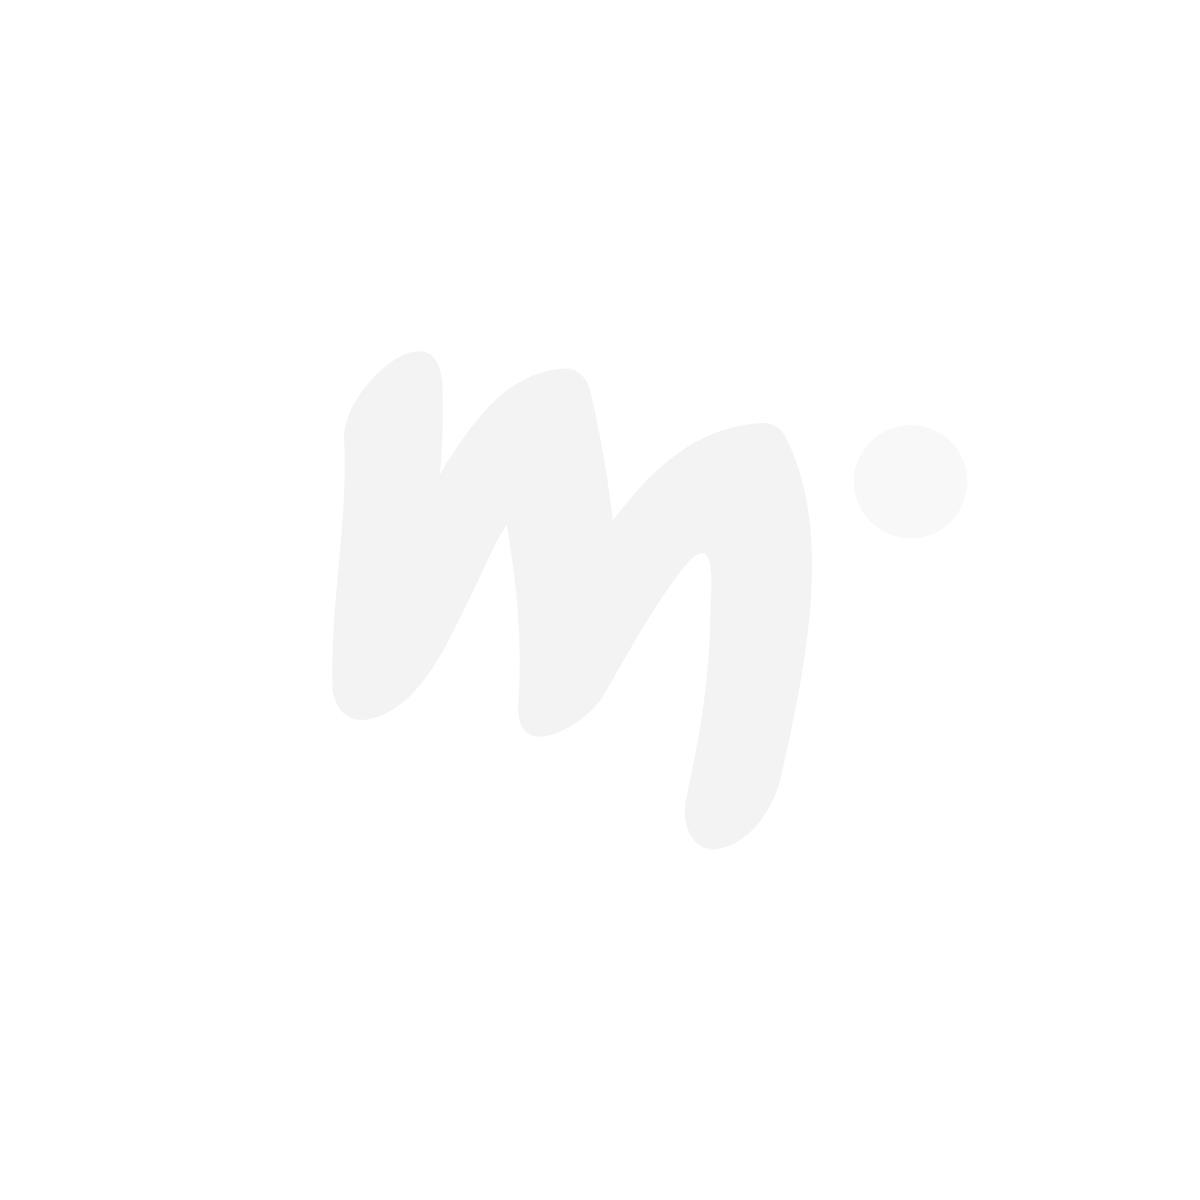 Muumi Taikametsä-alushousut 2 kpl